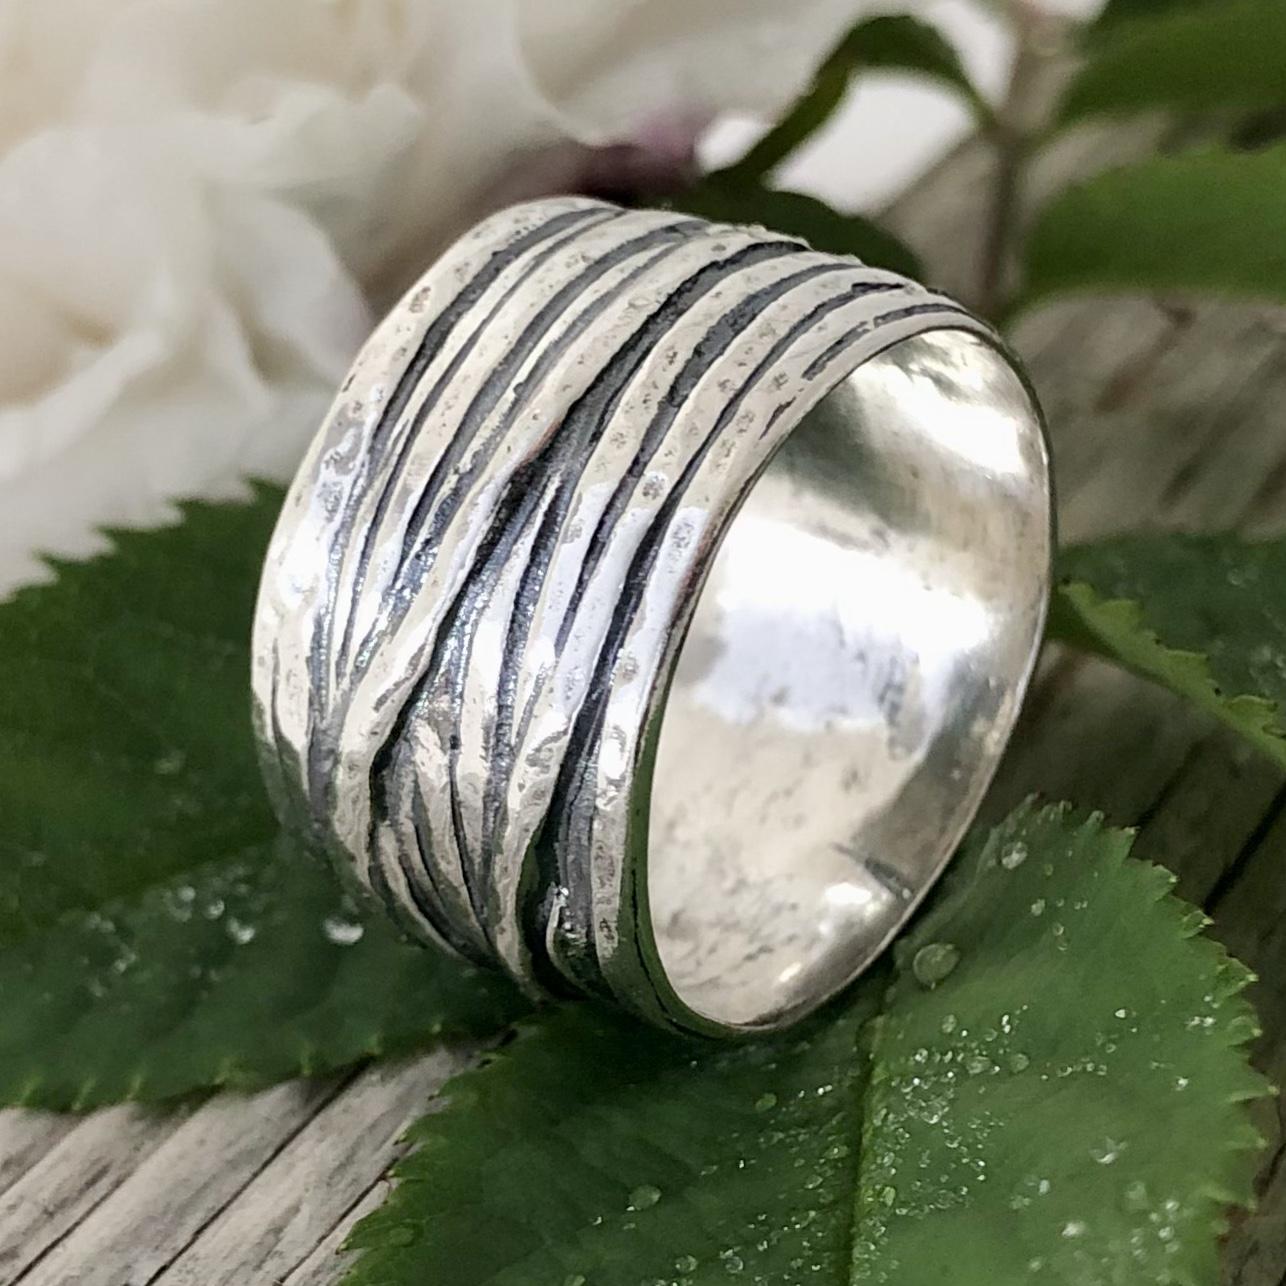 Jonna - Mycket snygg och rejäl silverring